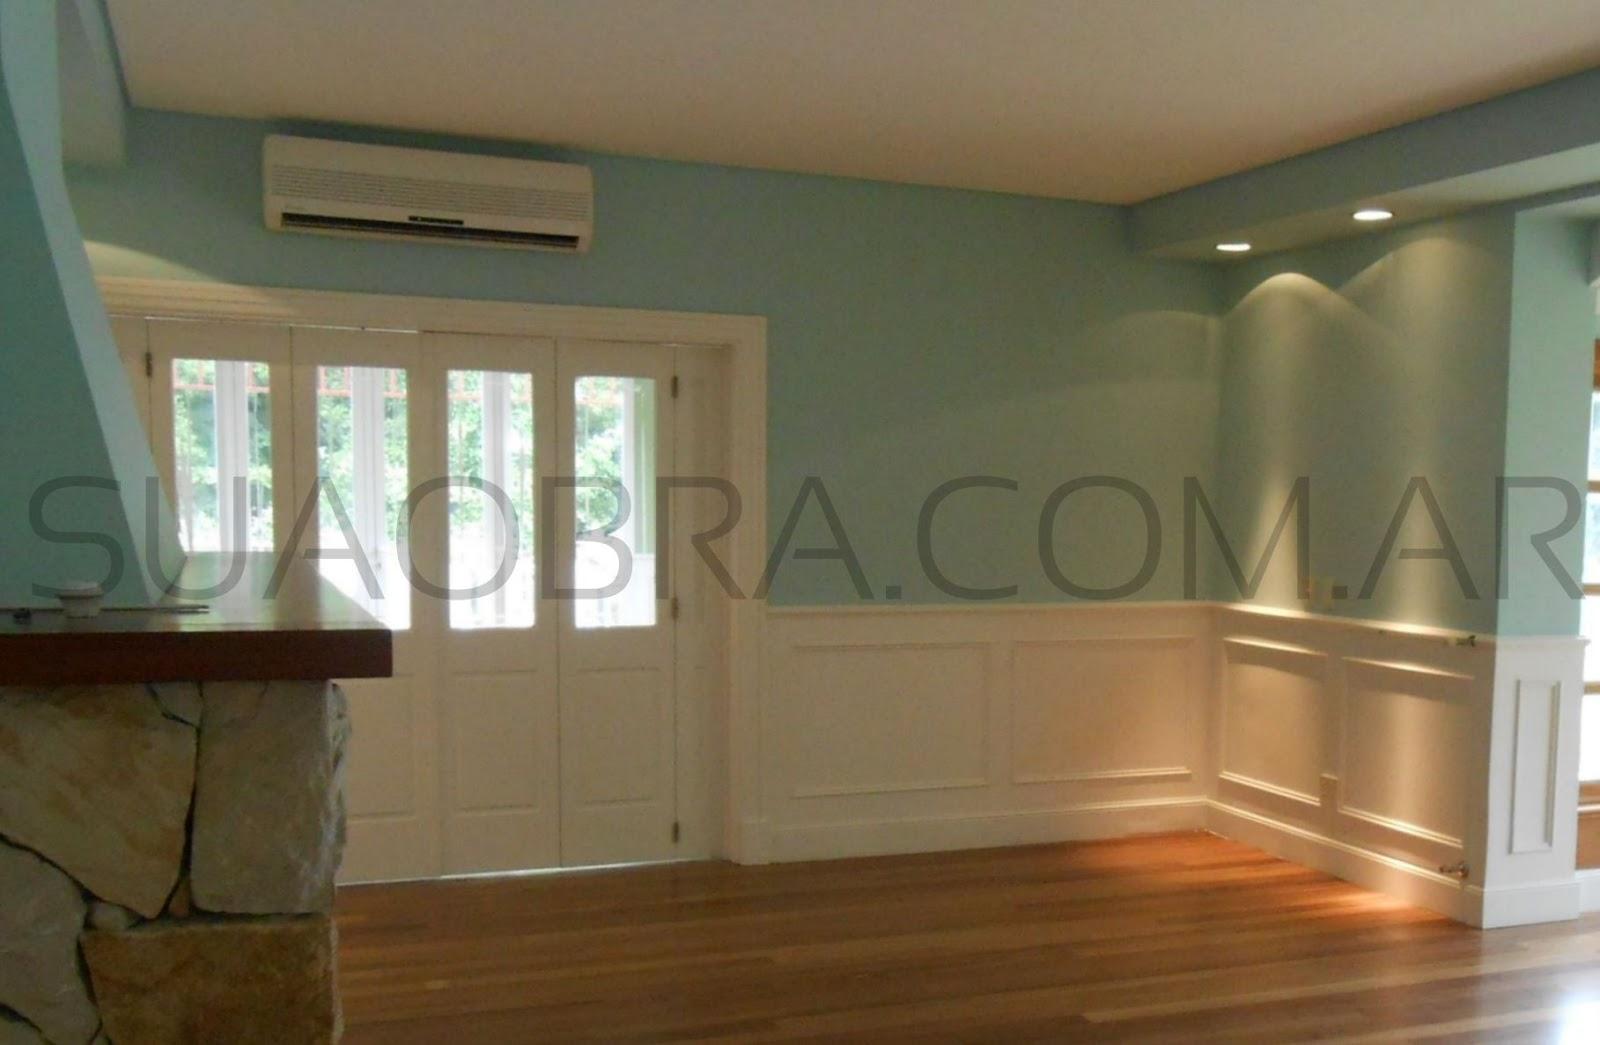 Revestimientos plasticos por suaobra com for Pintura interior color arena